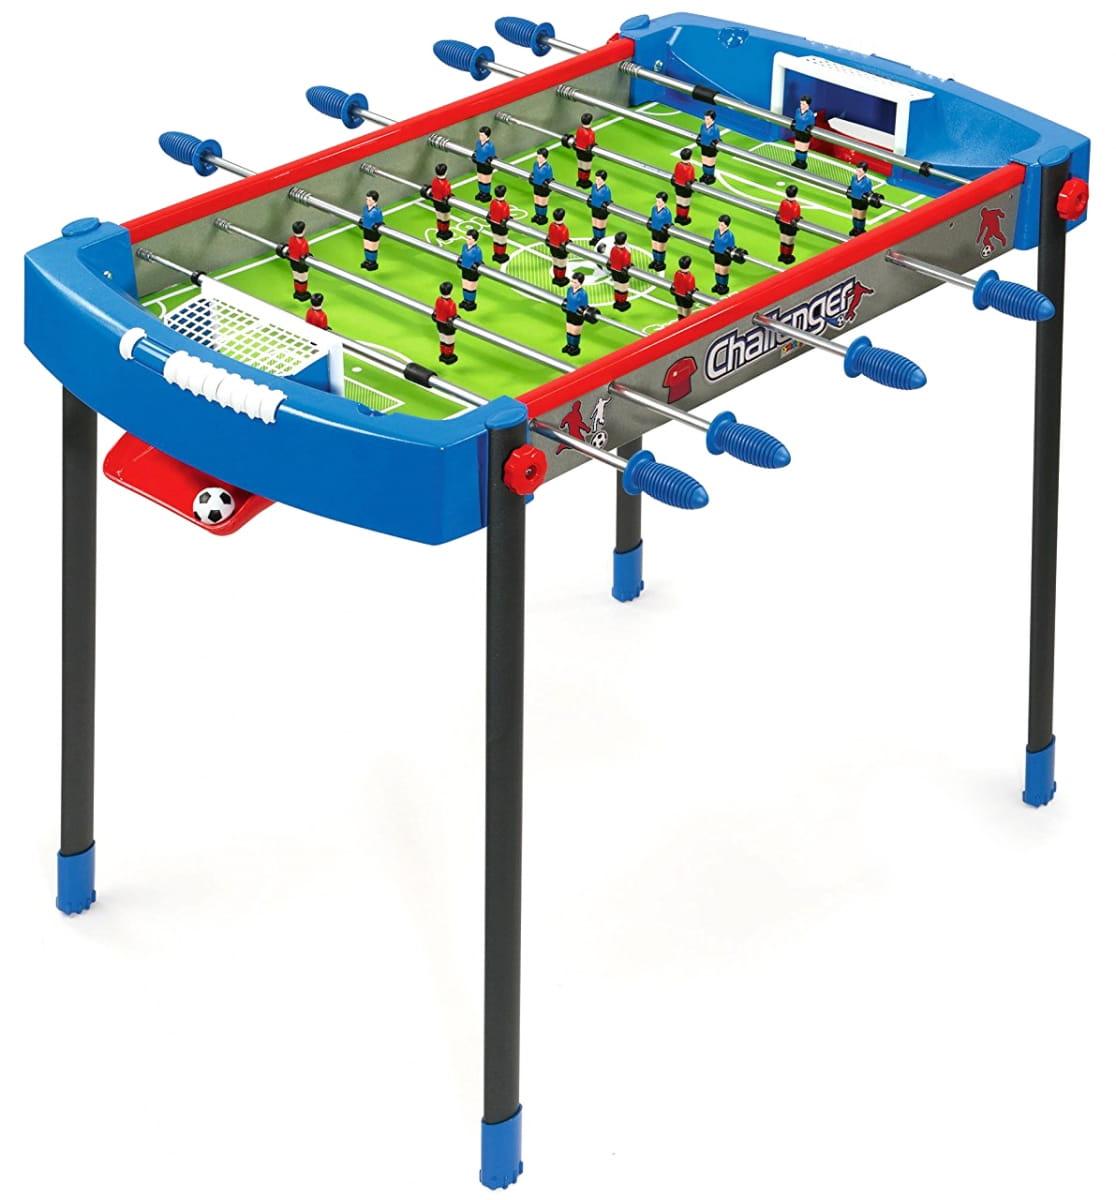 Футбольный стол Smoby 620200 Челленжер обновленный